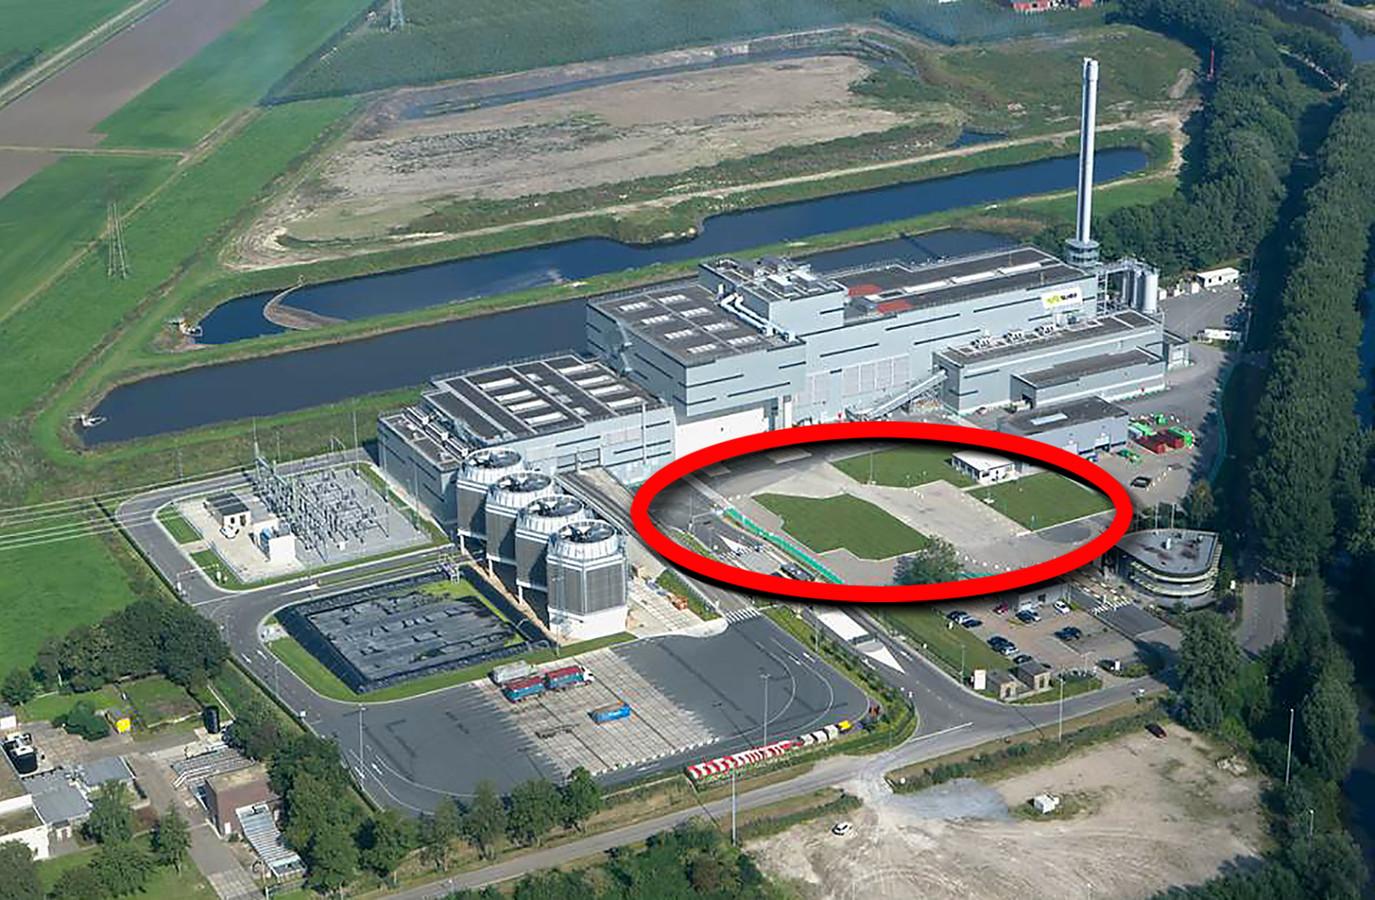 Drie jaar geleden lanceerde Suez ReEnergy het plan om de Biomineralen-fabriek op het middenterrein van de vuilverbrander aan de Potendreef te situeren. Dat plan heeft het niet gehaald.